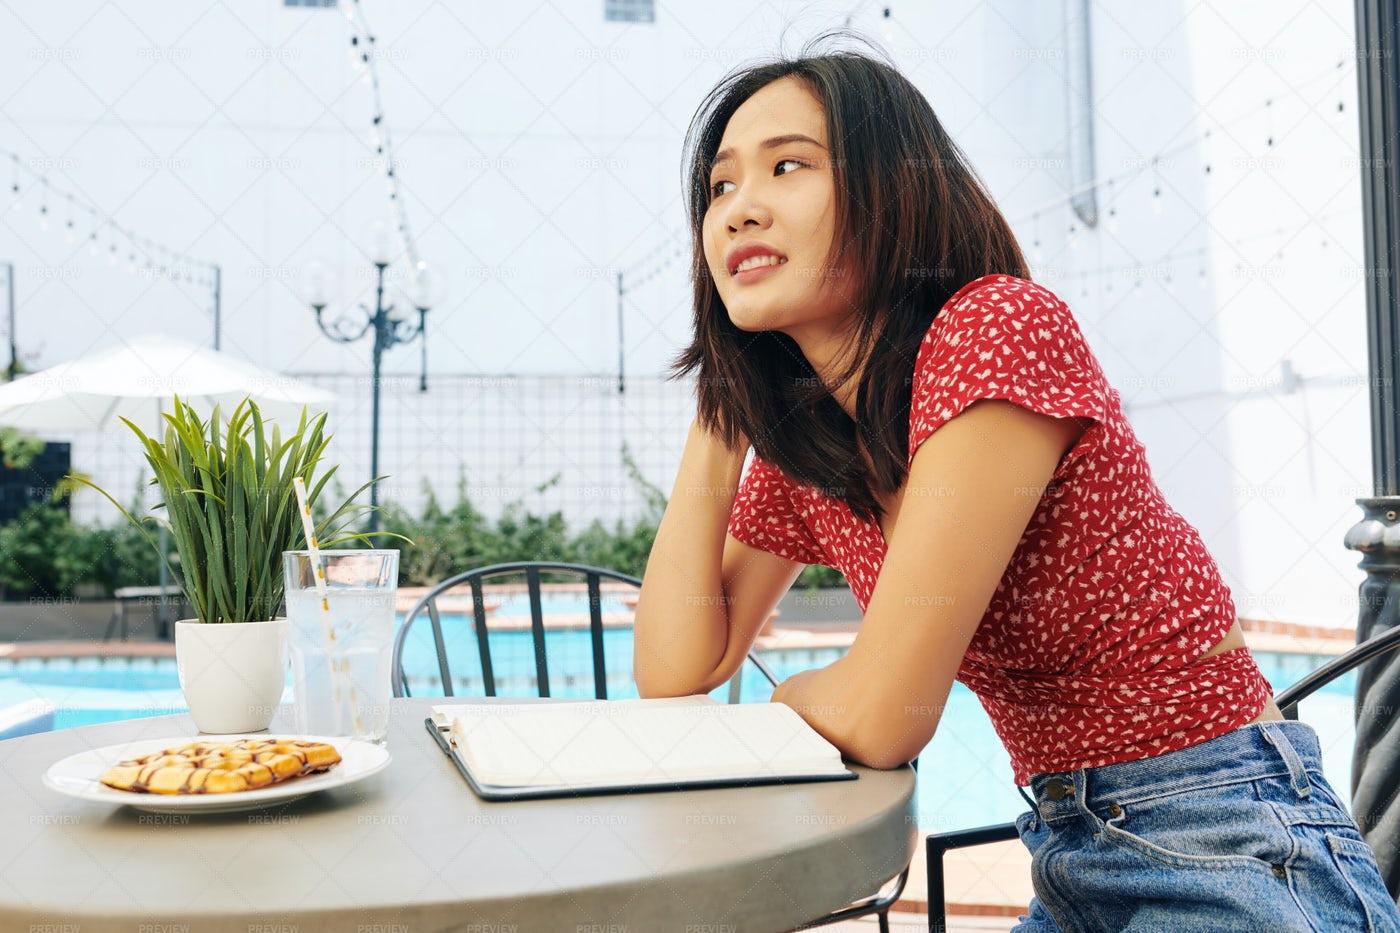 Pensive Asian Woman Sitting At Cafe: Stock Photos